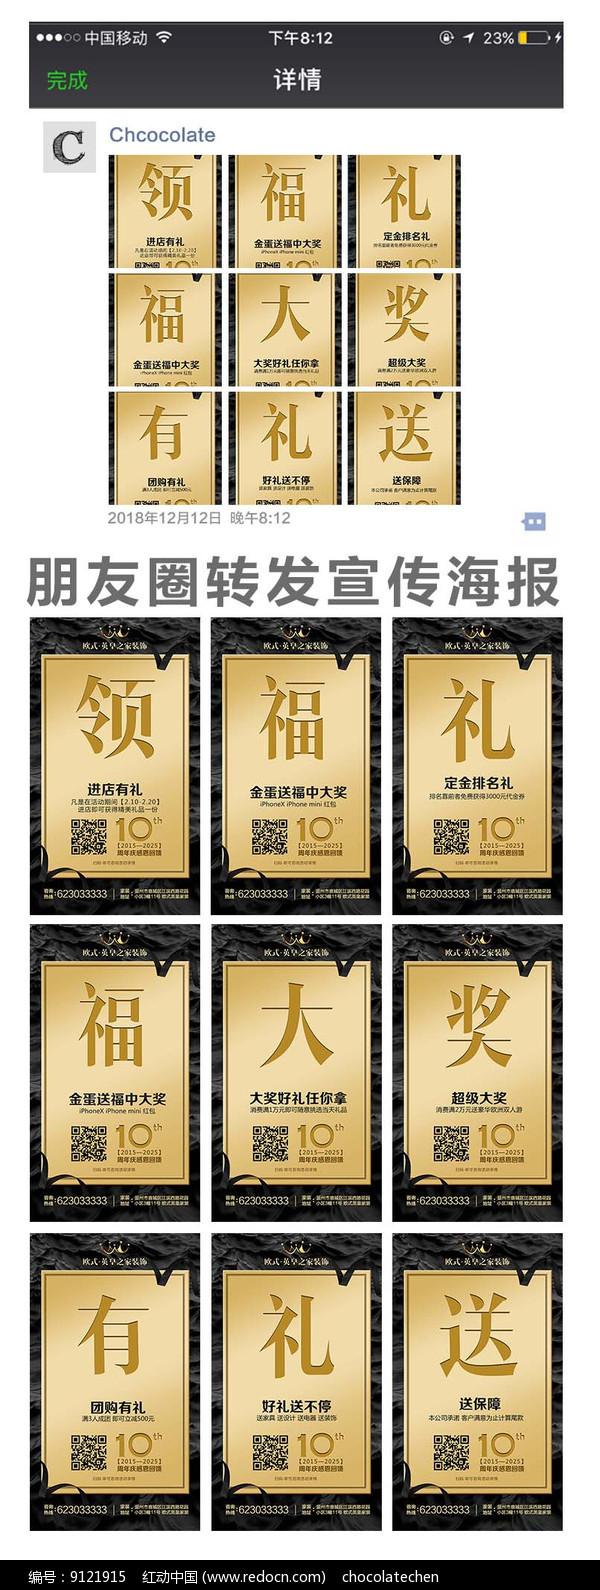 周年庆朋友圈宣传海报图片